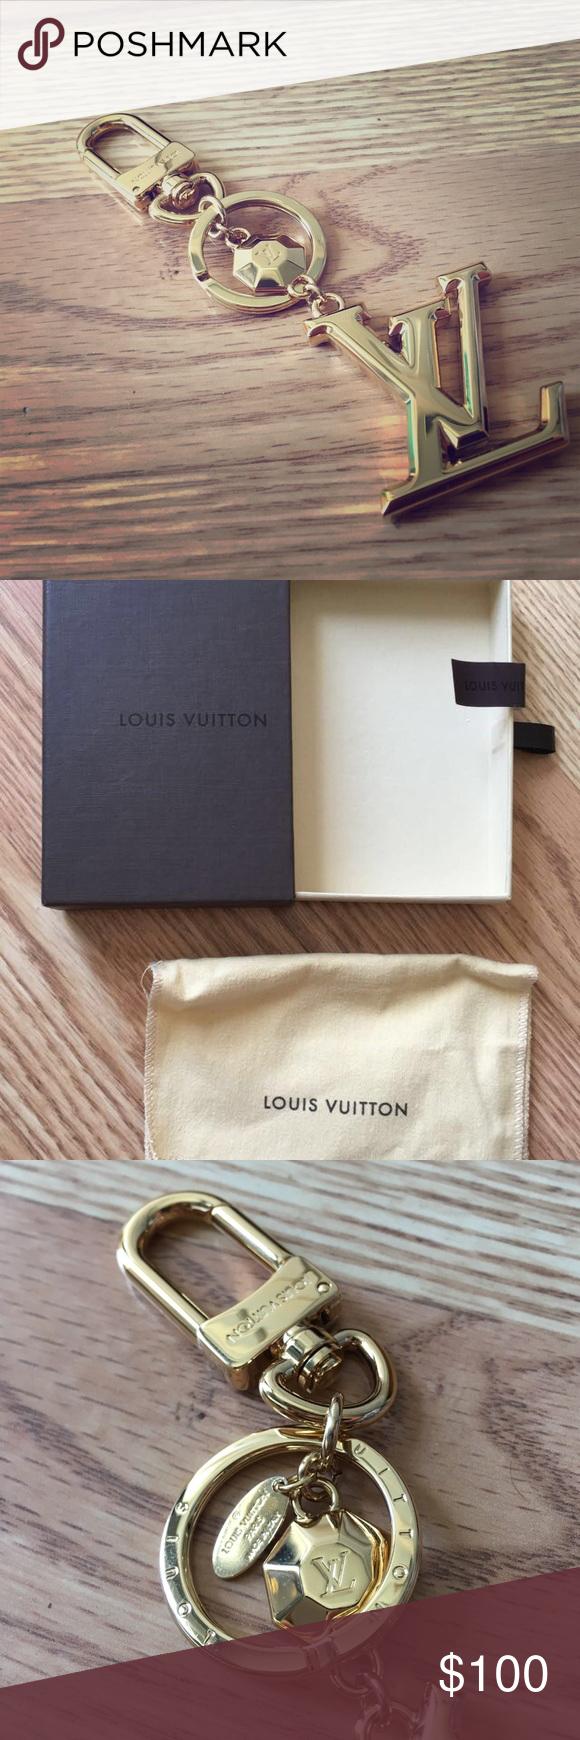 9a6715cb74d0 Louis Vuitton FACETTES BAG CHARM   KEY HOLDER New